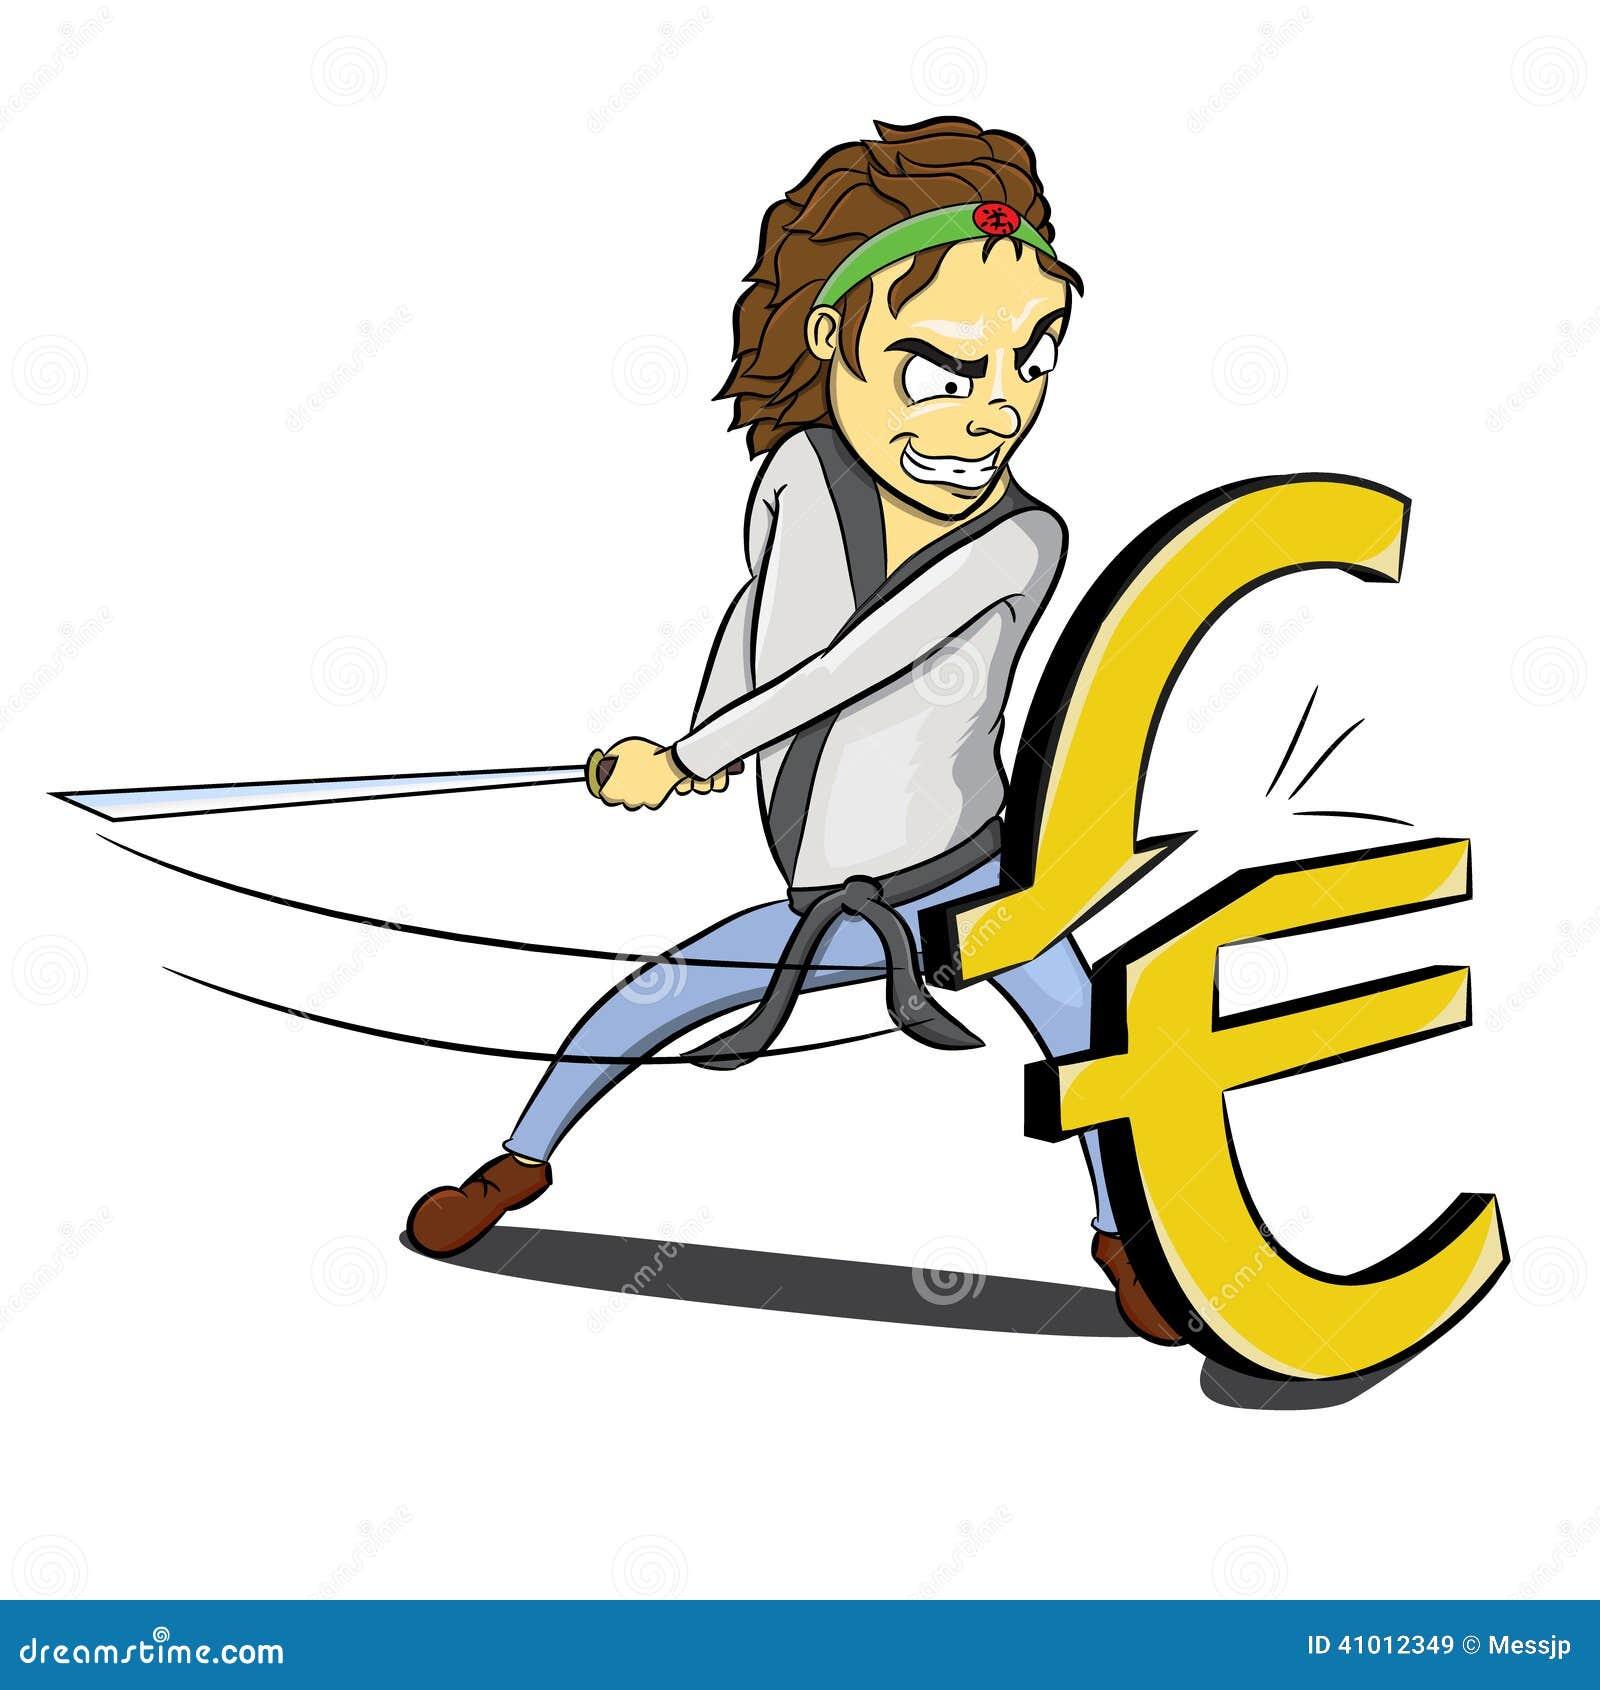 GRATUIT TÉLÉCHARGER EUROBARRE